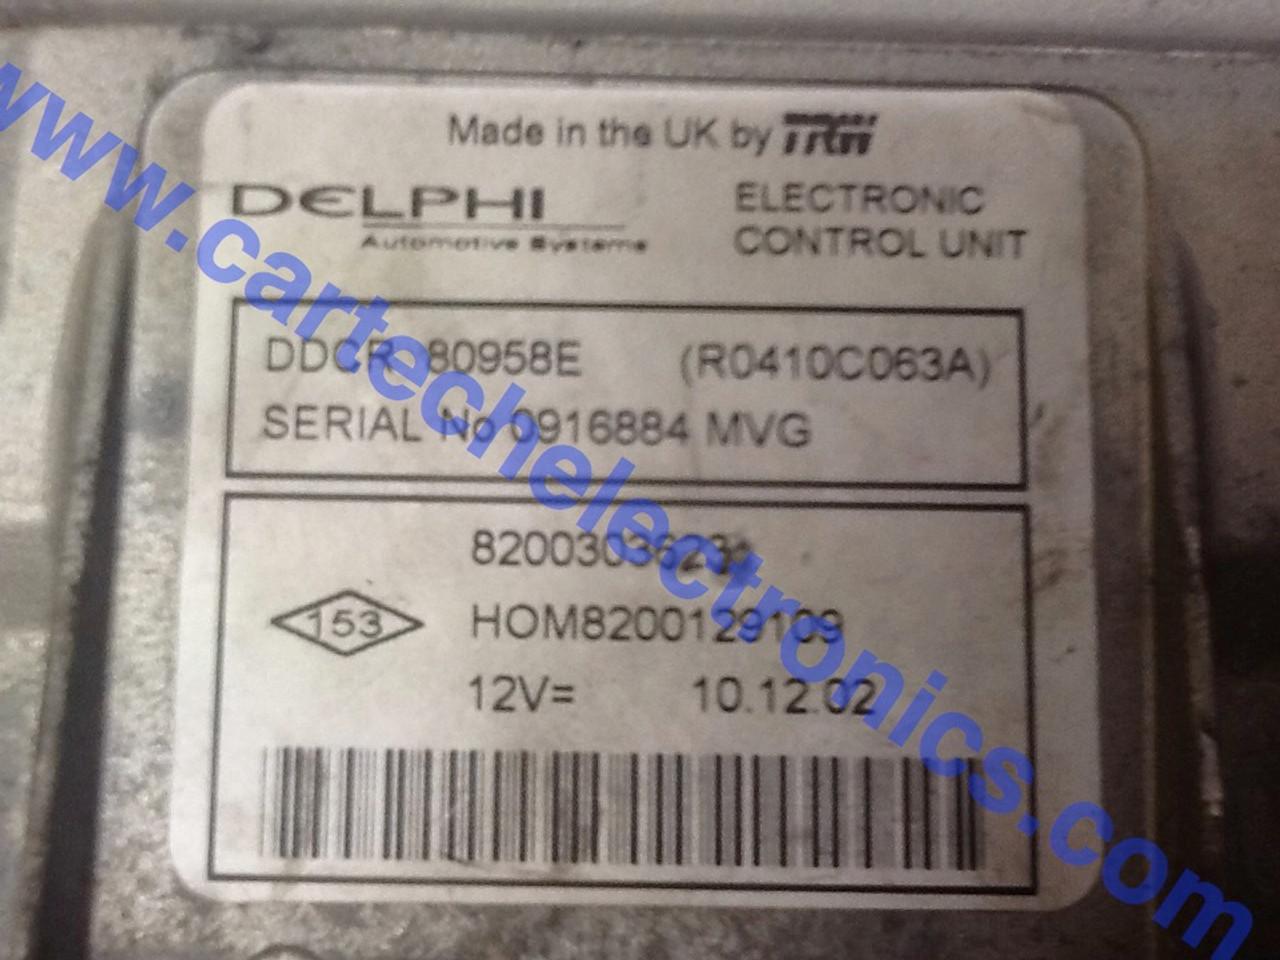 Renault Engine ECU DDCR 80958E R0410C063A 8200303623 HOM8200129109